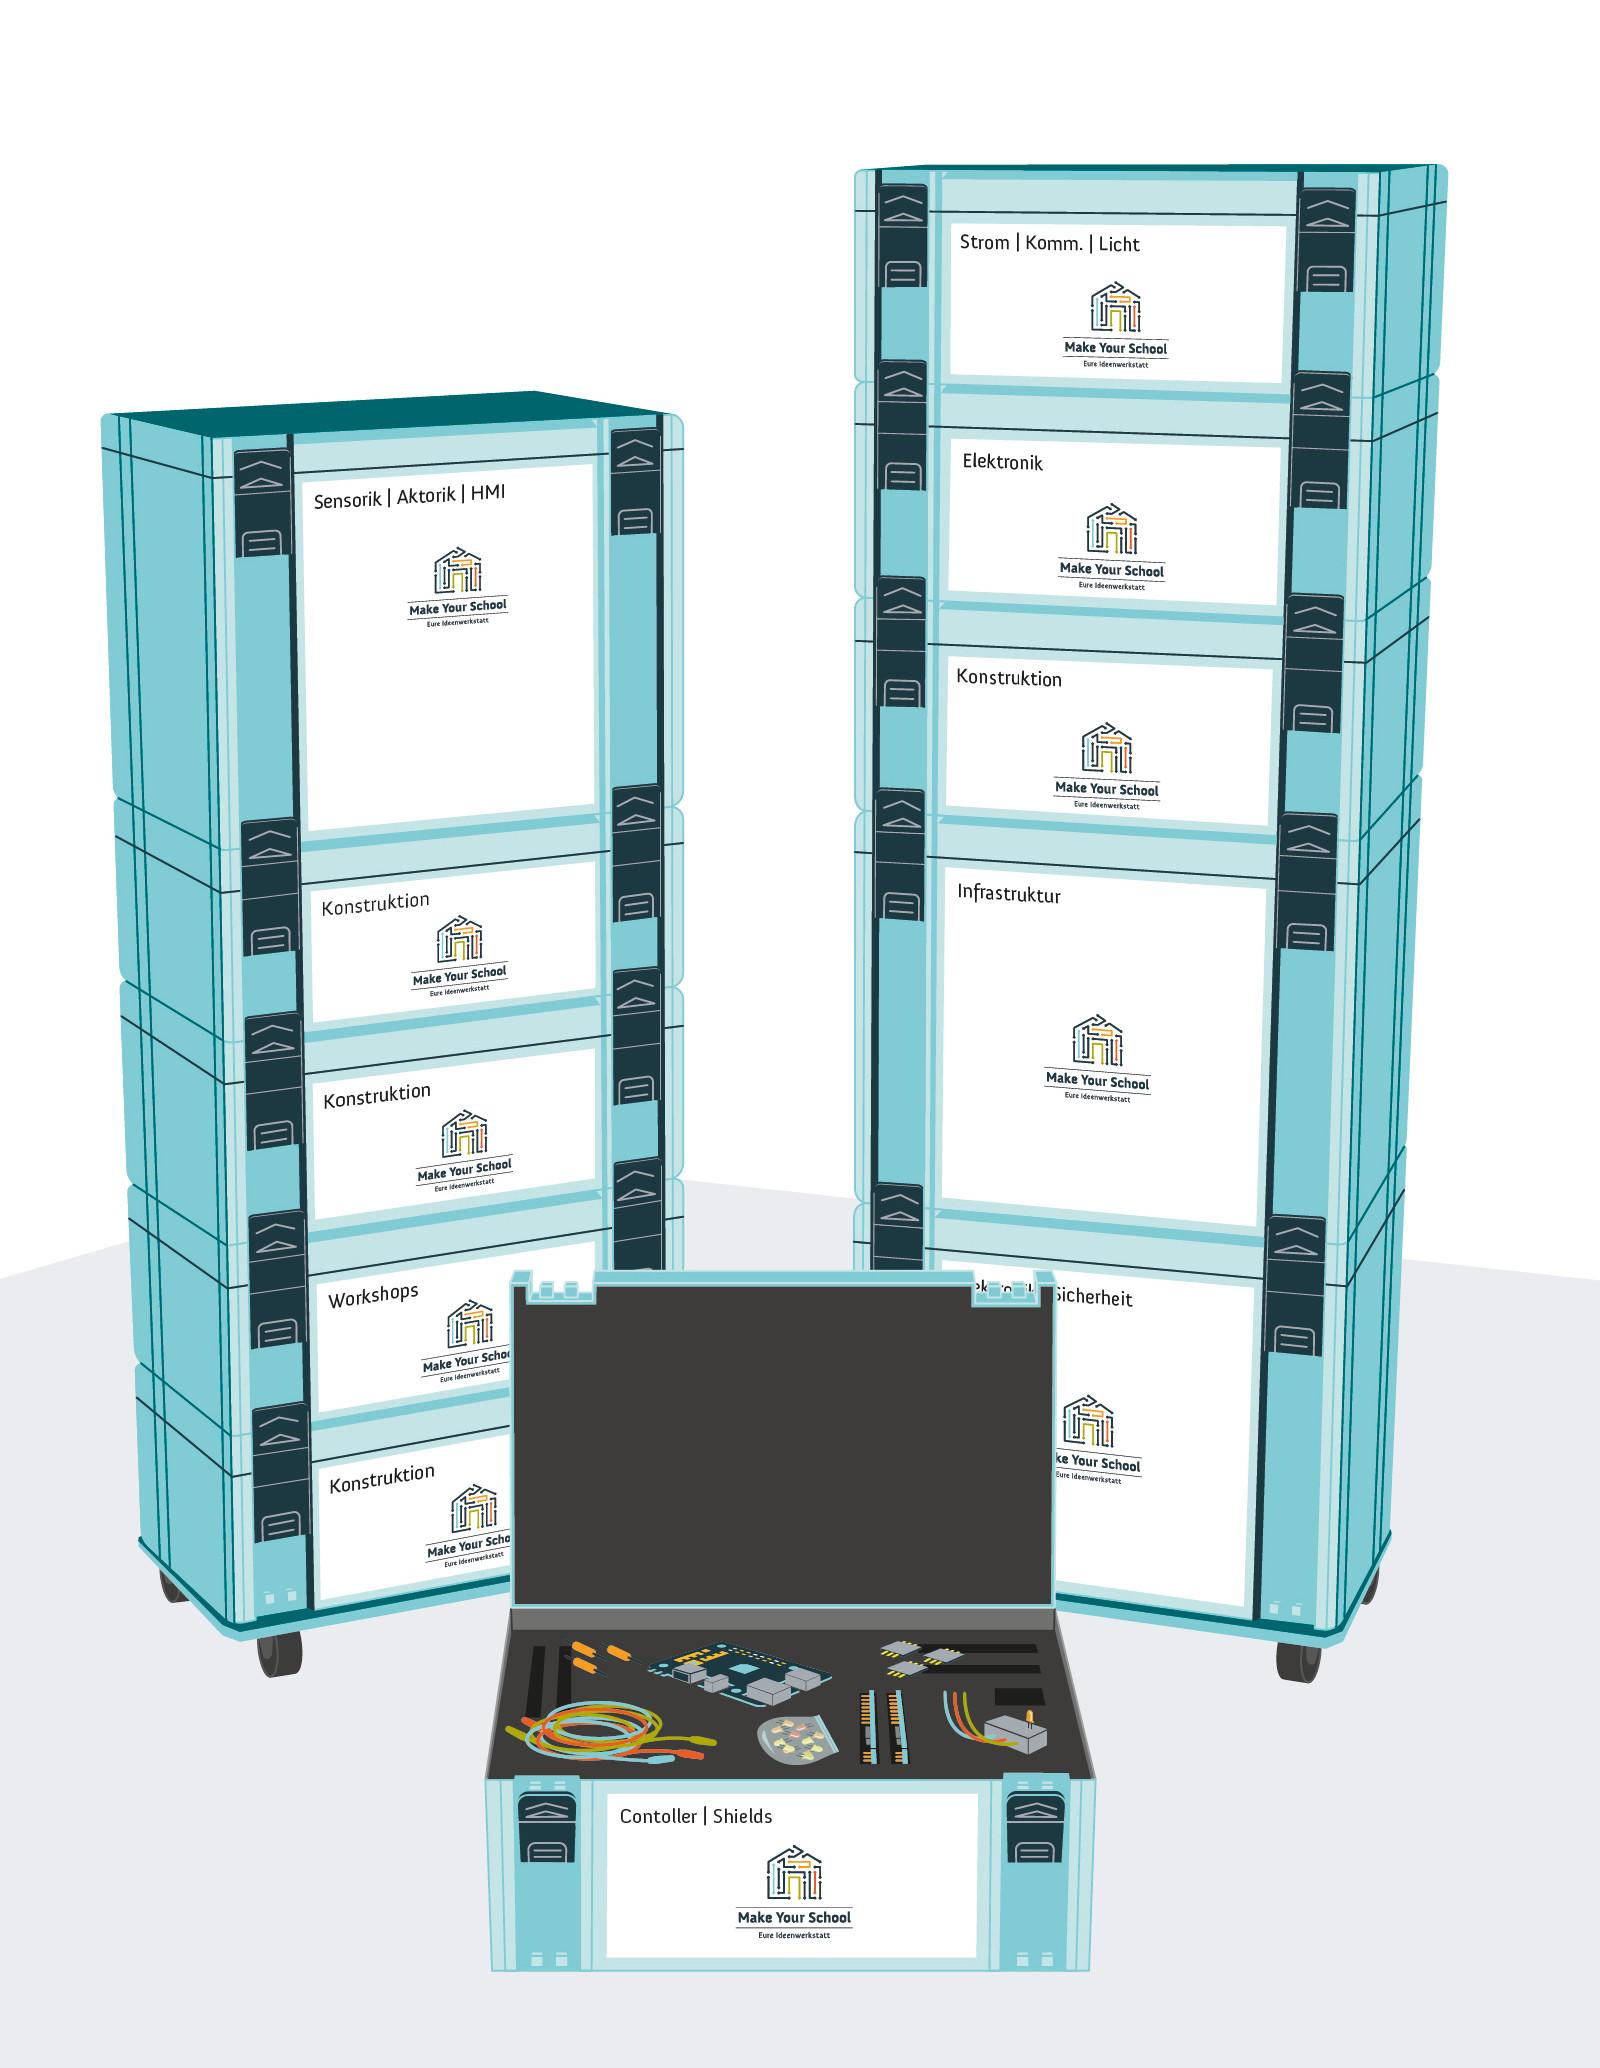 Eine Zeichnung des Materialkoffers, der aus elf einzelnen Kisten besteht.